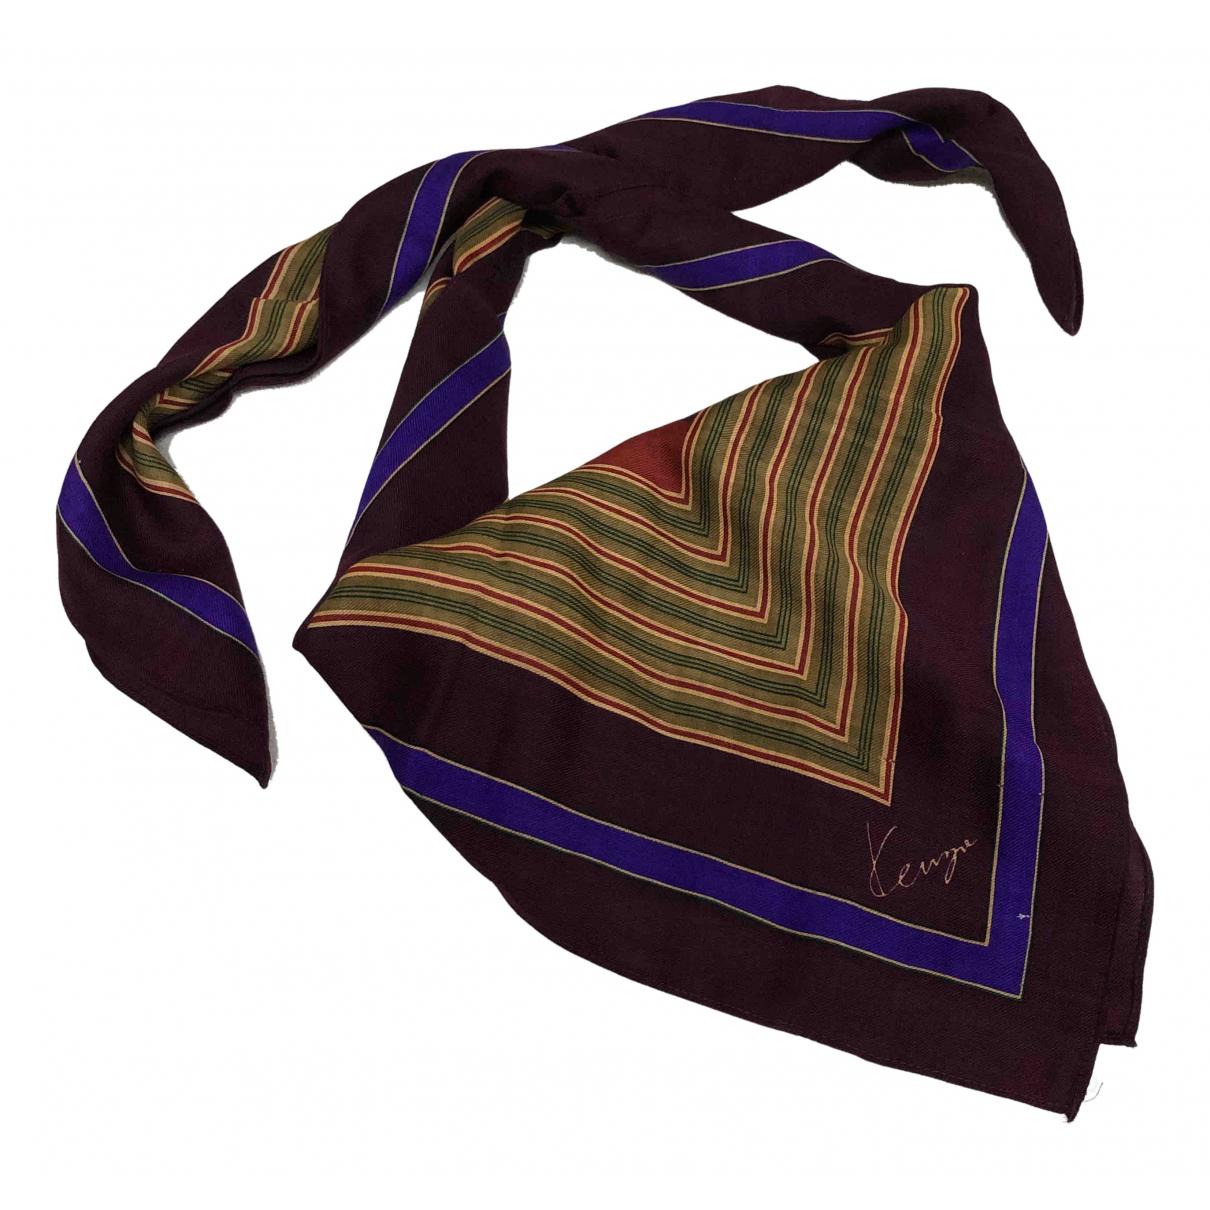 Kenzo \N Schal in  Bordeauxrot Wolle